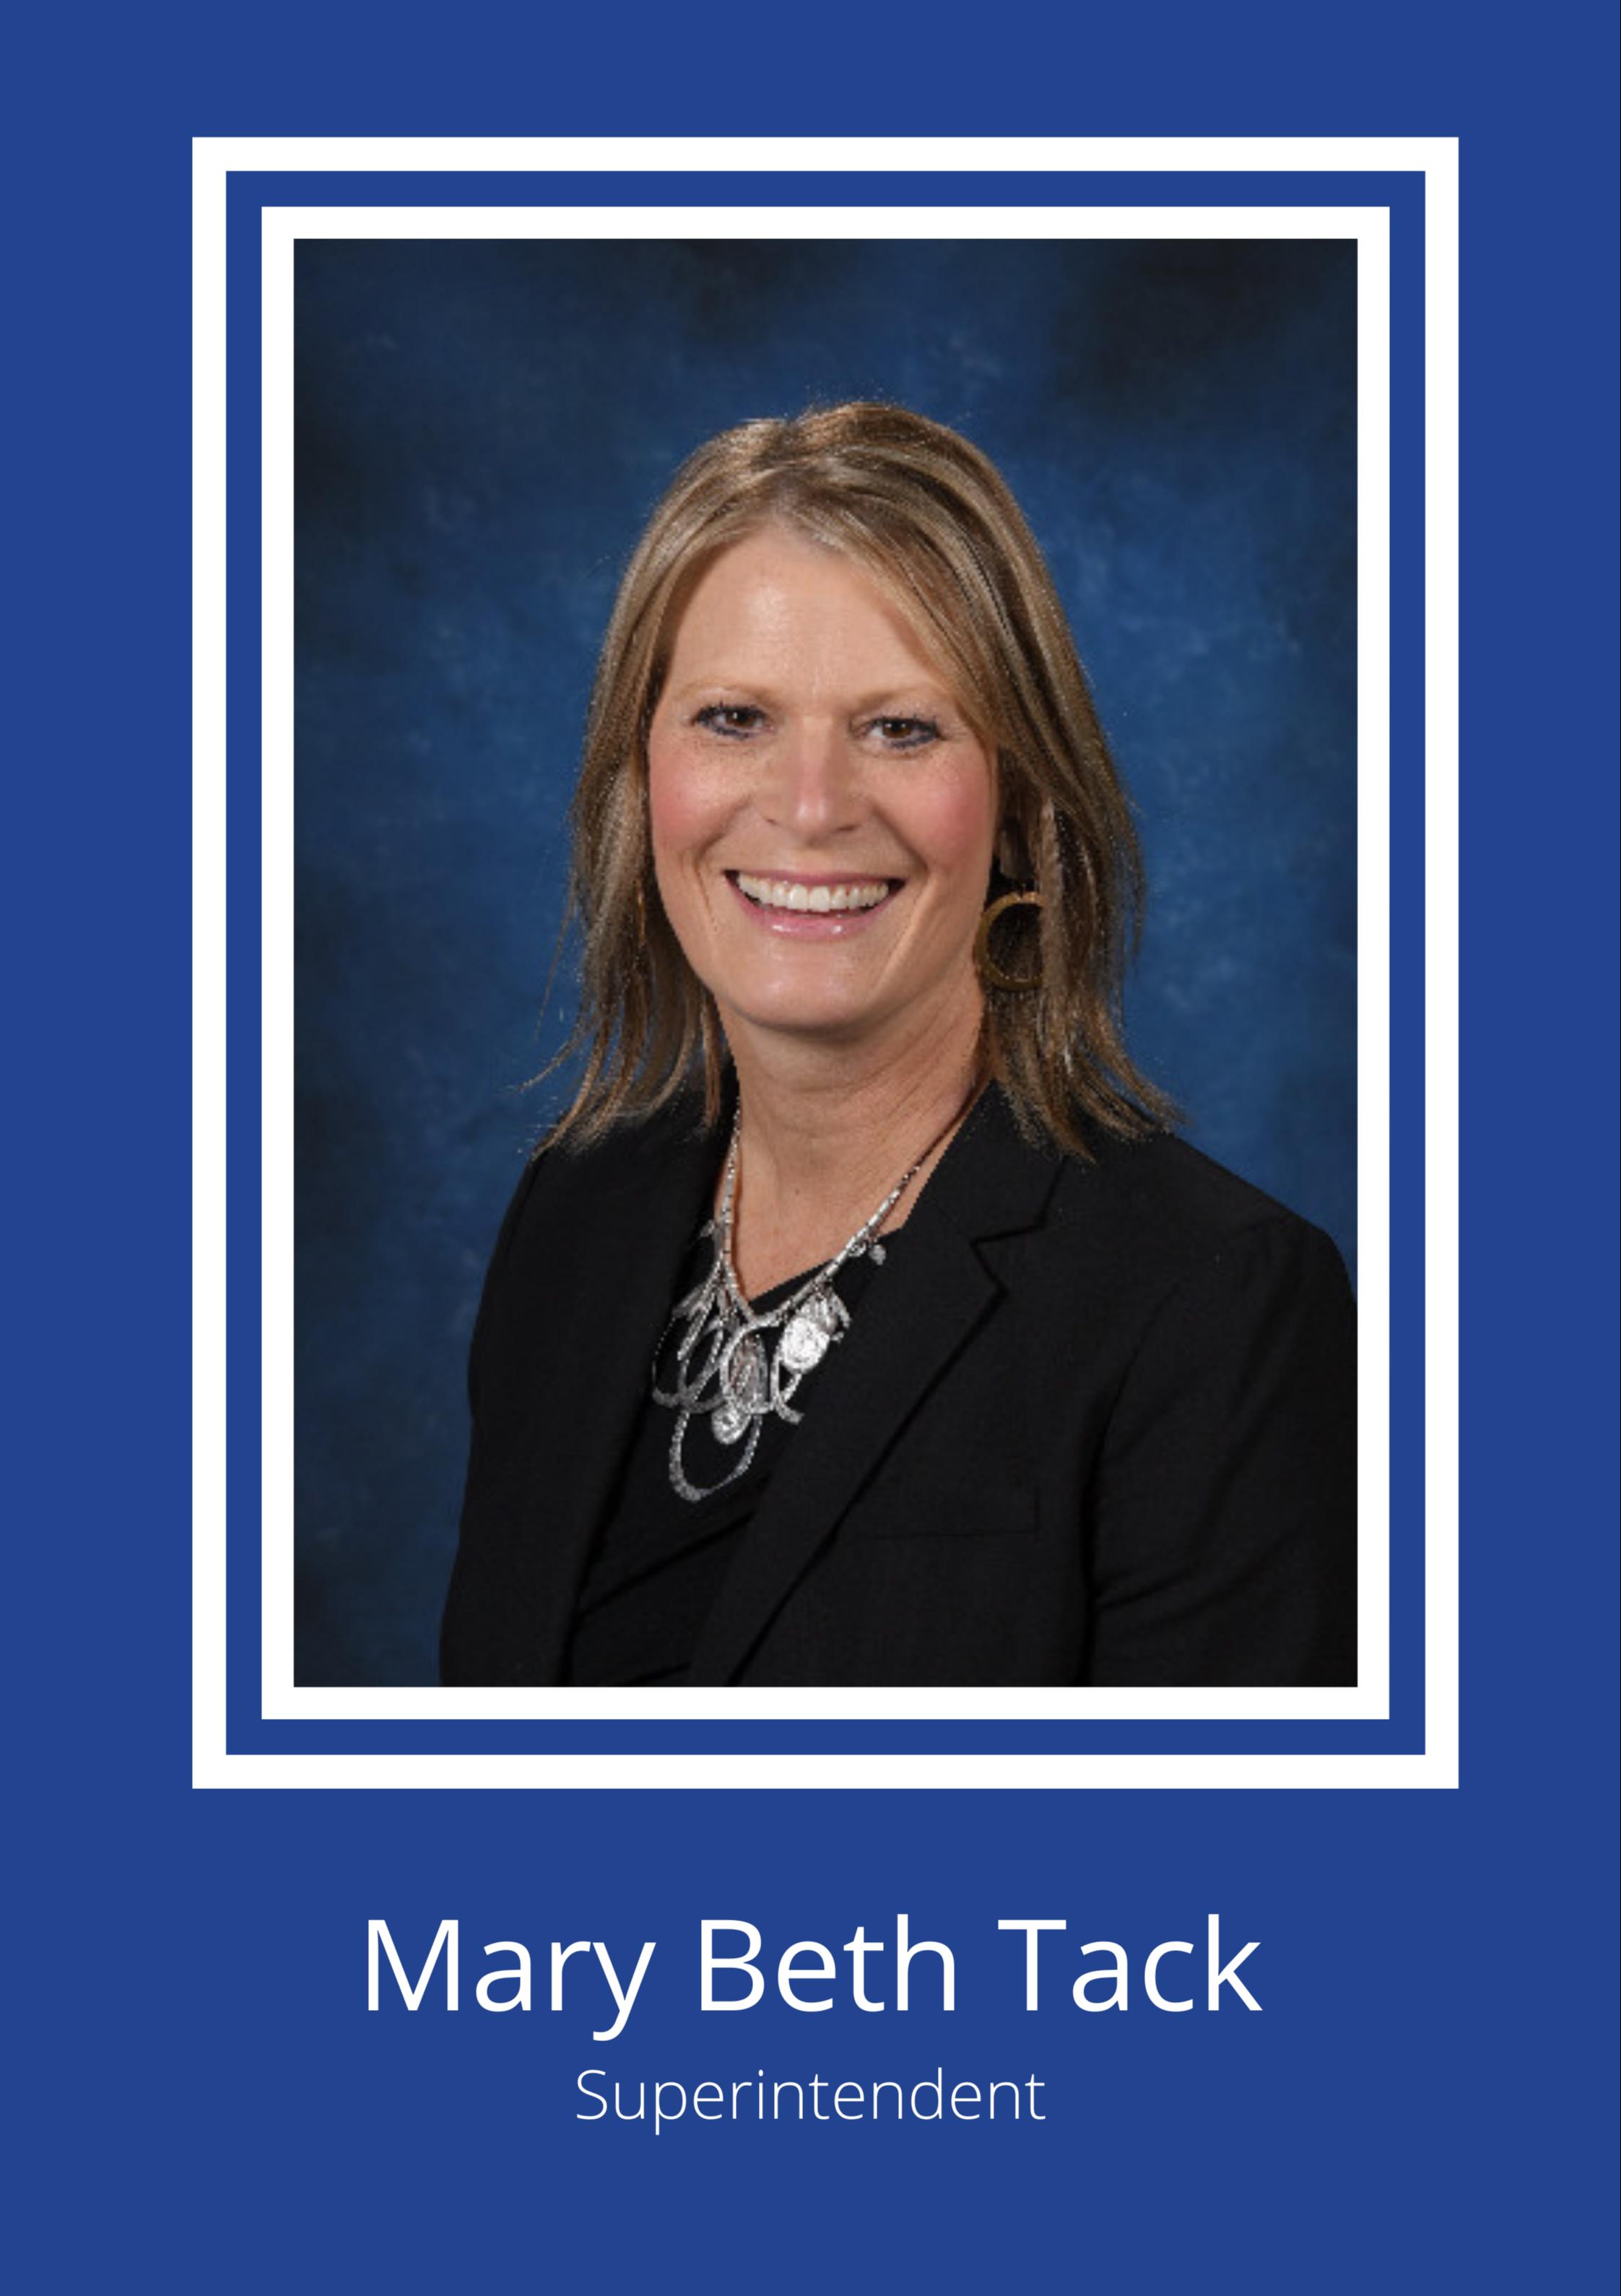 Photo of Mary Beth Tack.